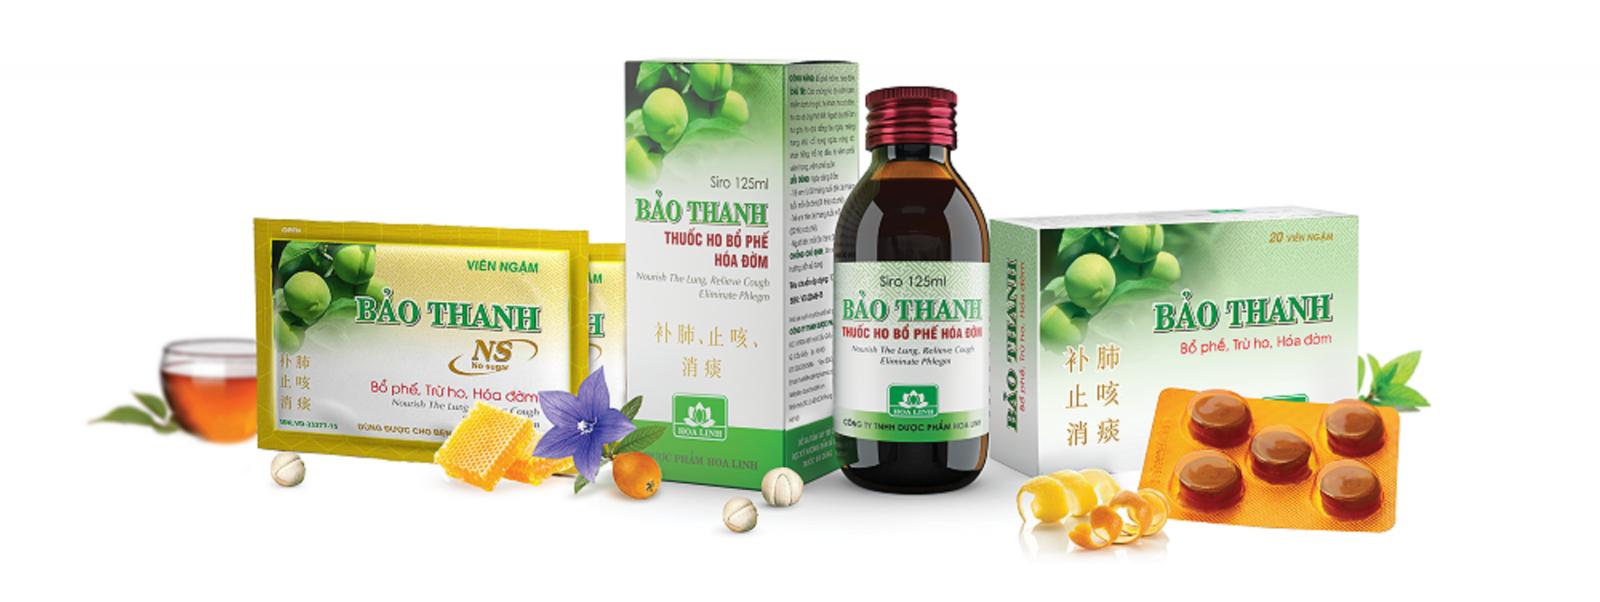 Kẹo ngậm ho Bảo Thanh là thuốc, được Bộ Y tế kiểm định và cấp phép lưu hành, có tác dụng điều trị rõ ràng, hiệu quả đã kiểm chứng